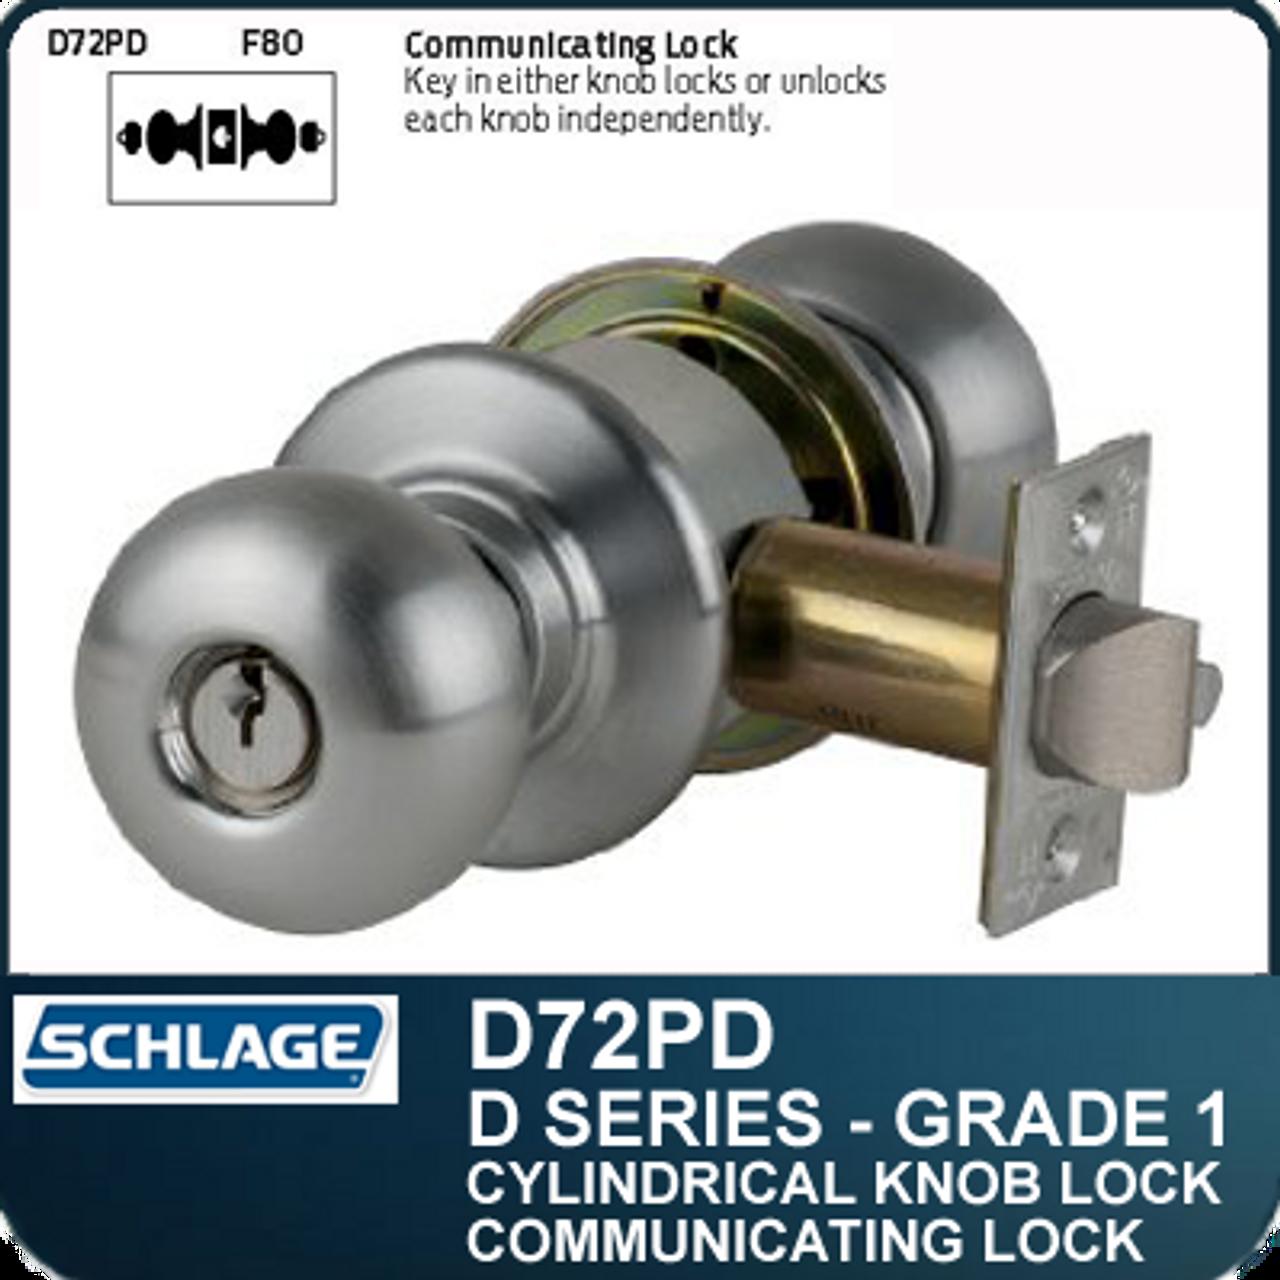 Schlage Silver UL Single Point Lock or Latch Ff